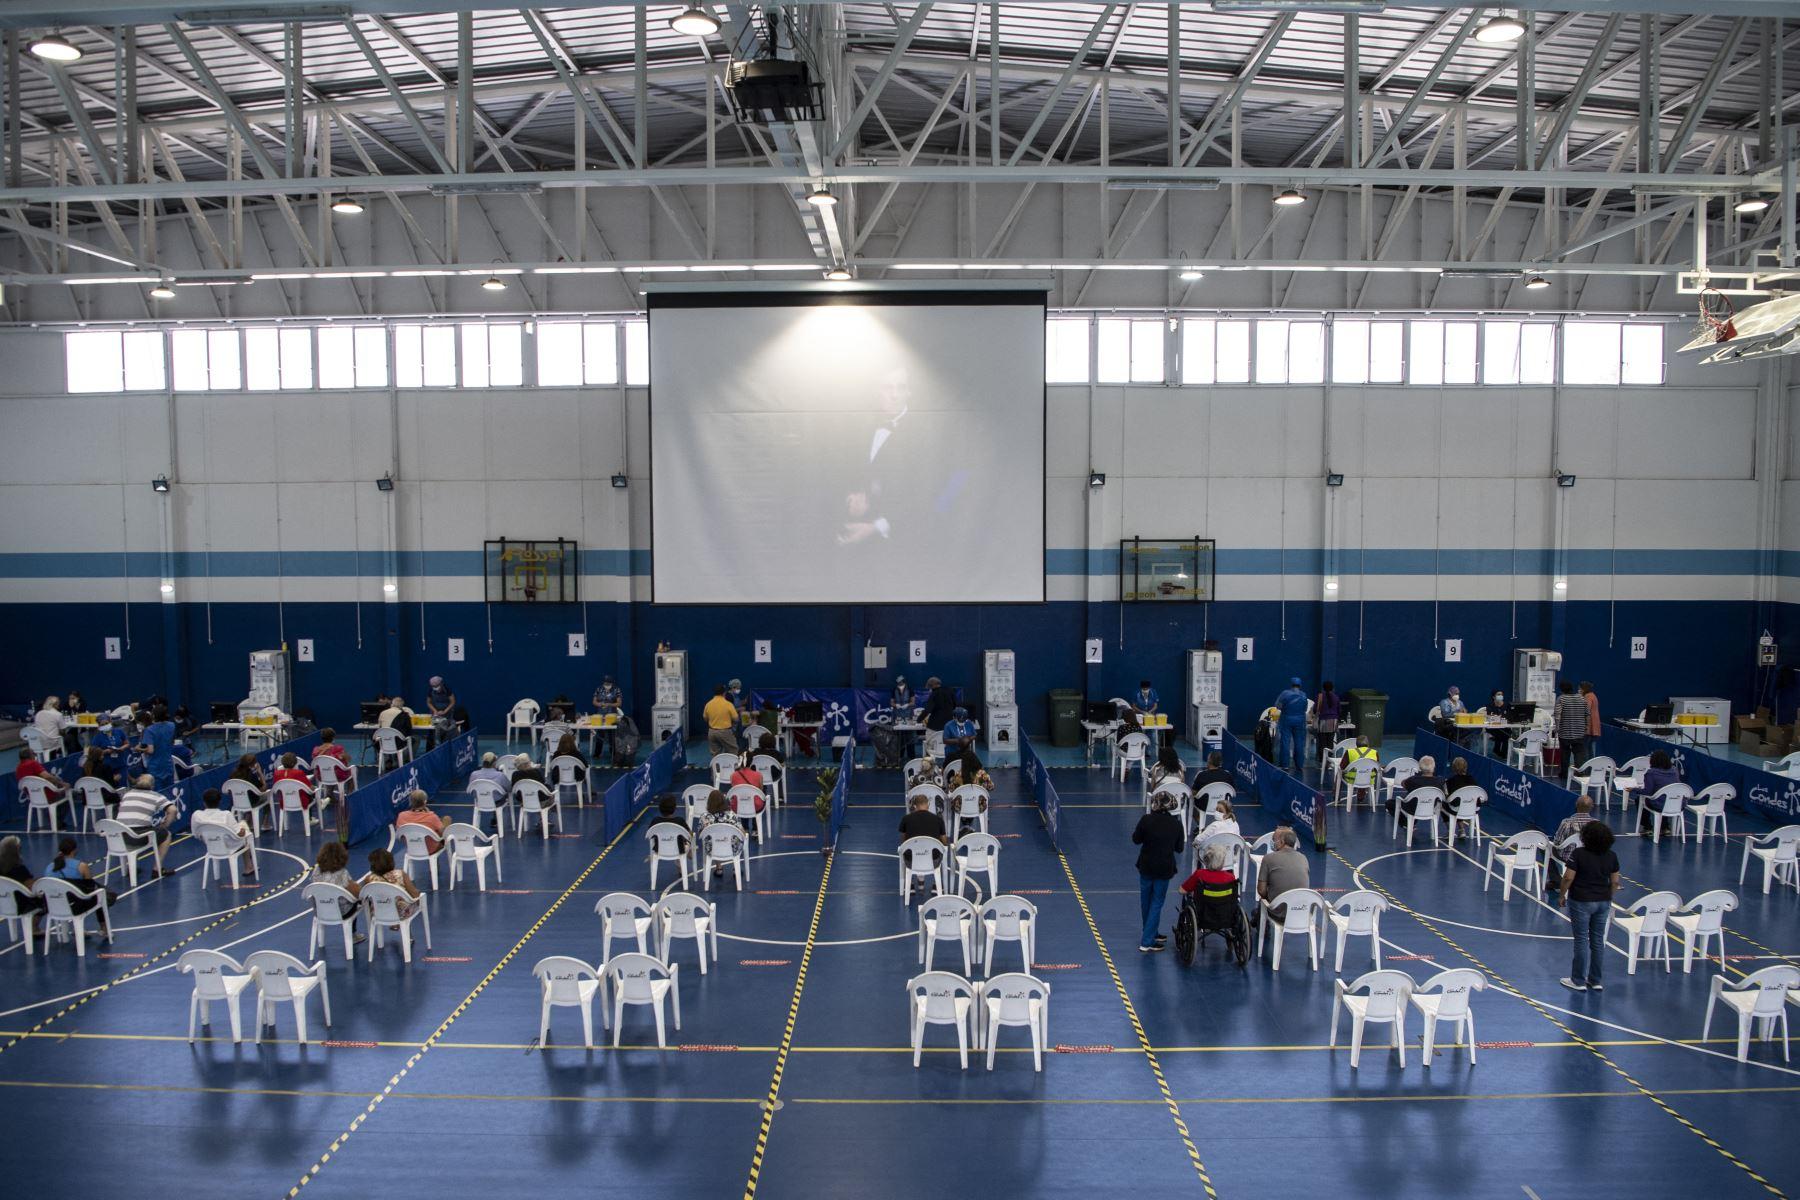 Maestros esperan su turno para recibir una dosis de la vacuna COVID-19 de fabricación china CoronaVac en medio de la pandemia del nuevo coronavirus, en un centro de vacunación en Santiago de Chile. Desde el comienzo de la epidemia más de 111.331.990 personas contrajeron la enfermedad. De ellas al menos 68.323.000 se recuperaron, según las autoridades. Foto: AFP